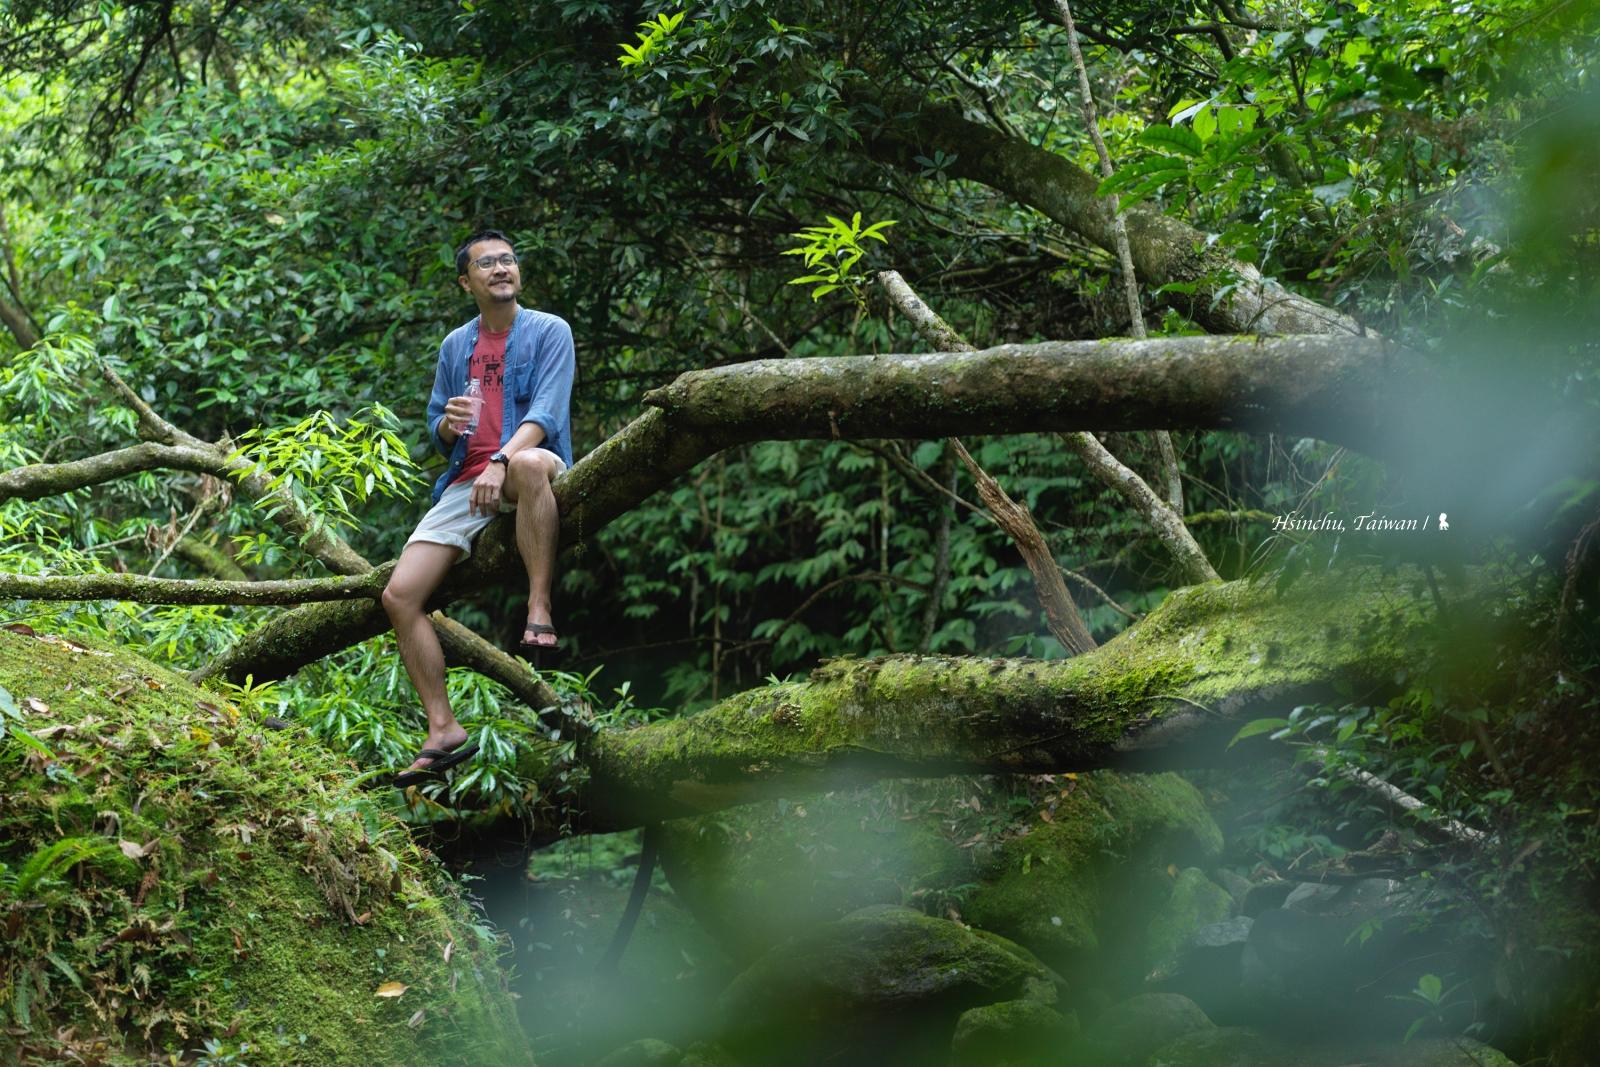 溯溪找西瓜 看螢火蟲大爆發,一泊五食最狂的野奢露營:飛鳥恰恰